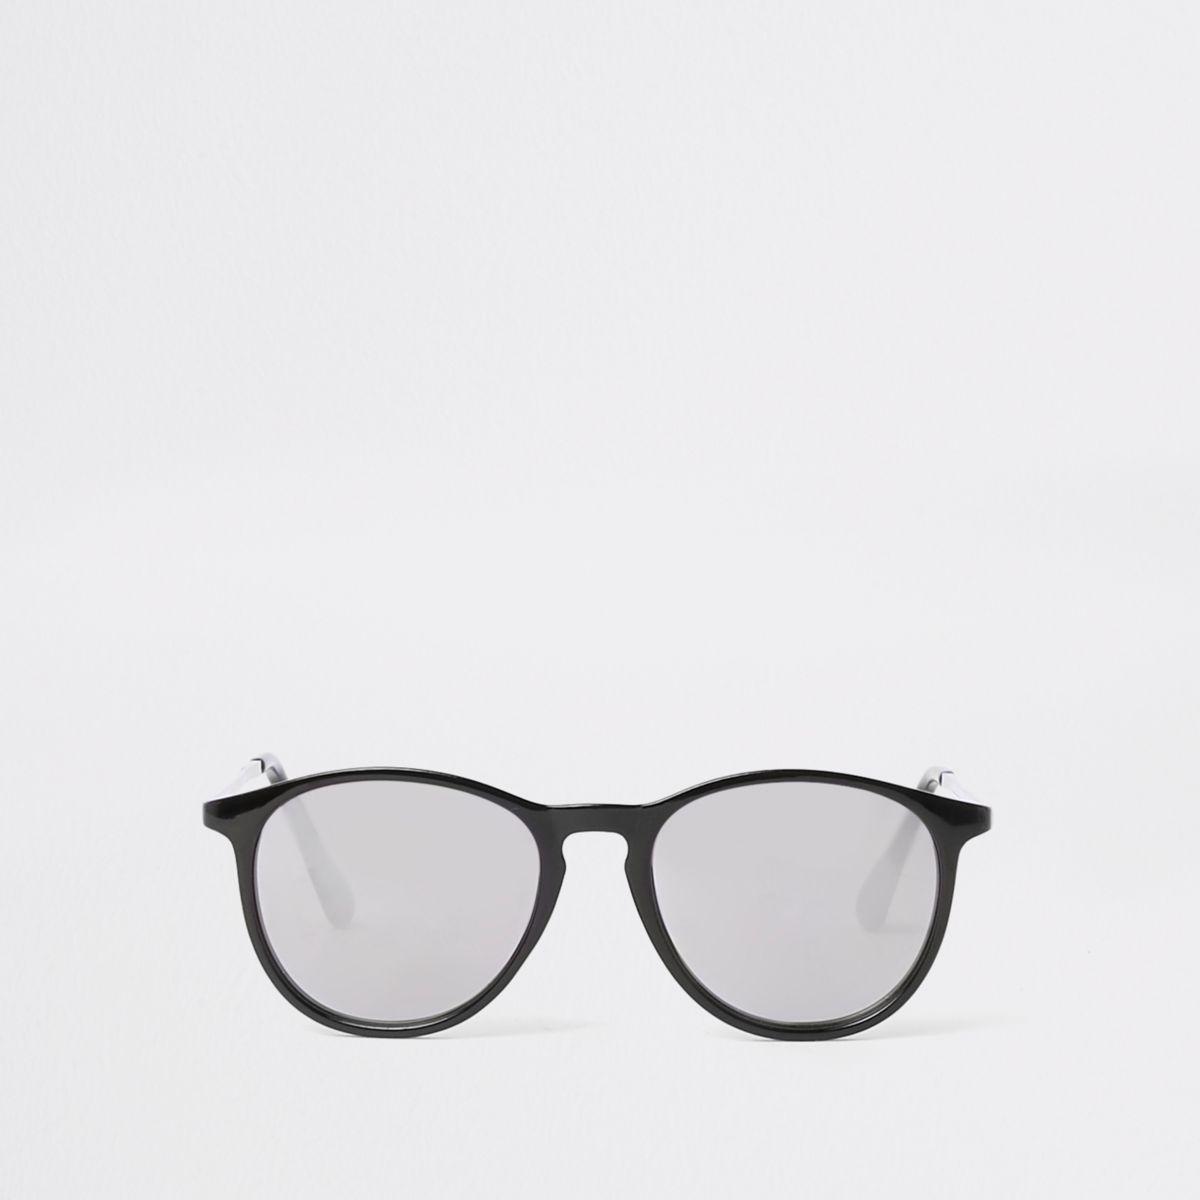 Boys black retro smoke lens retro sunglasses